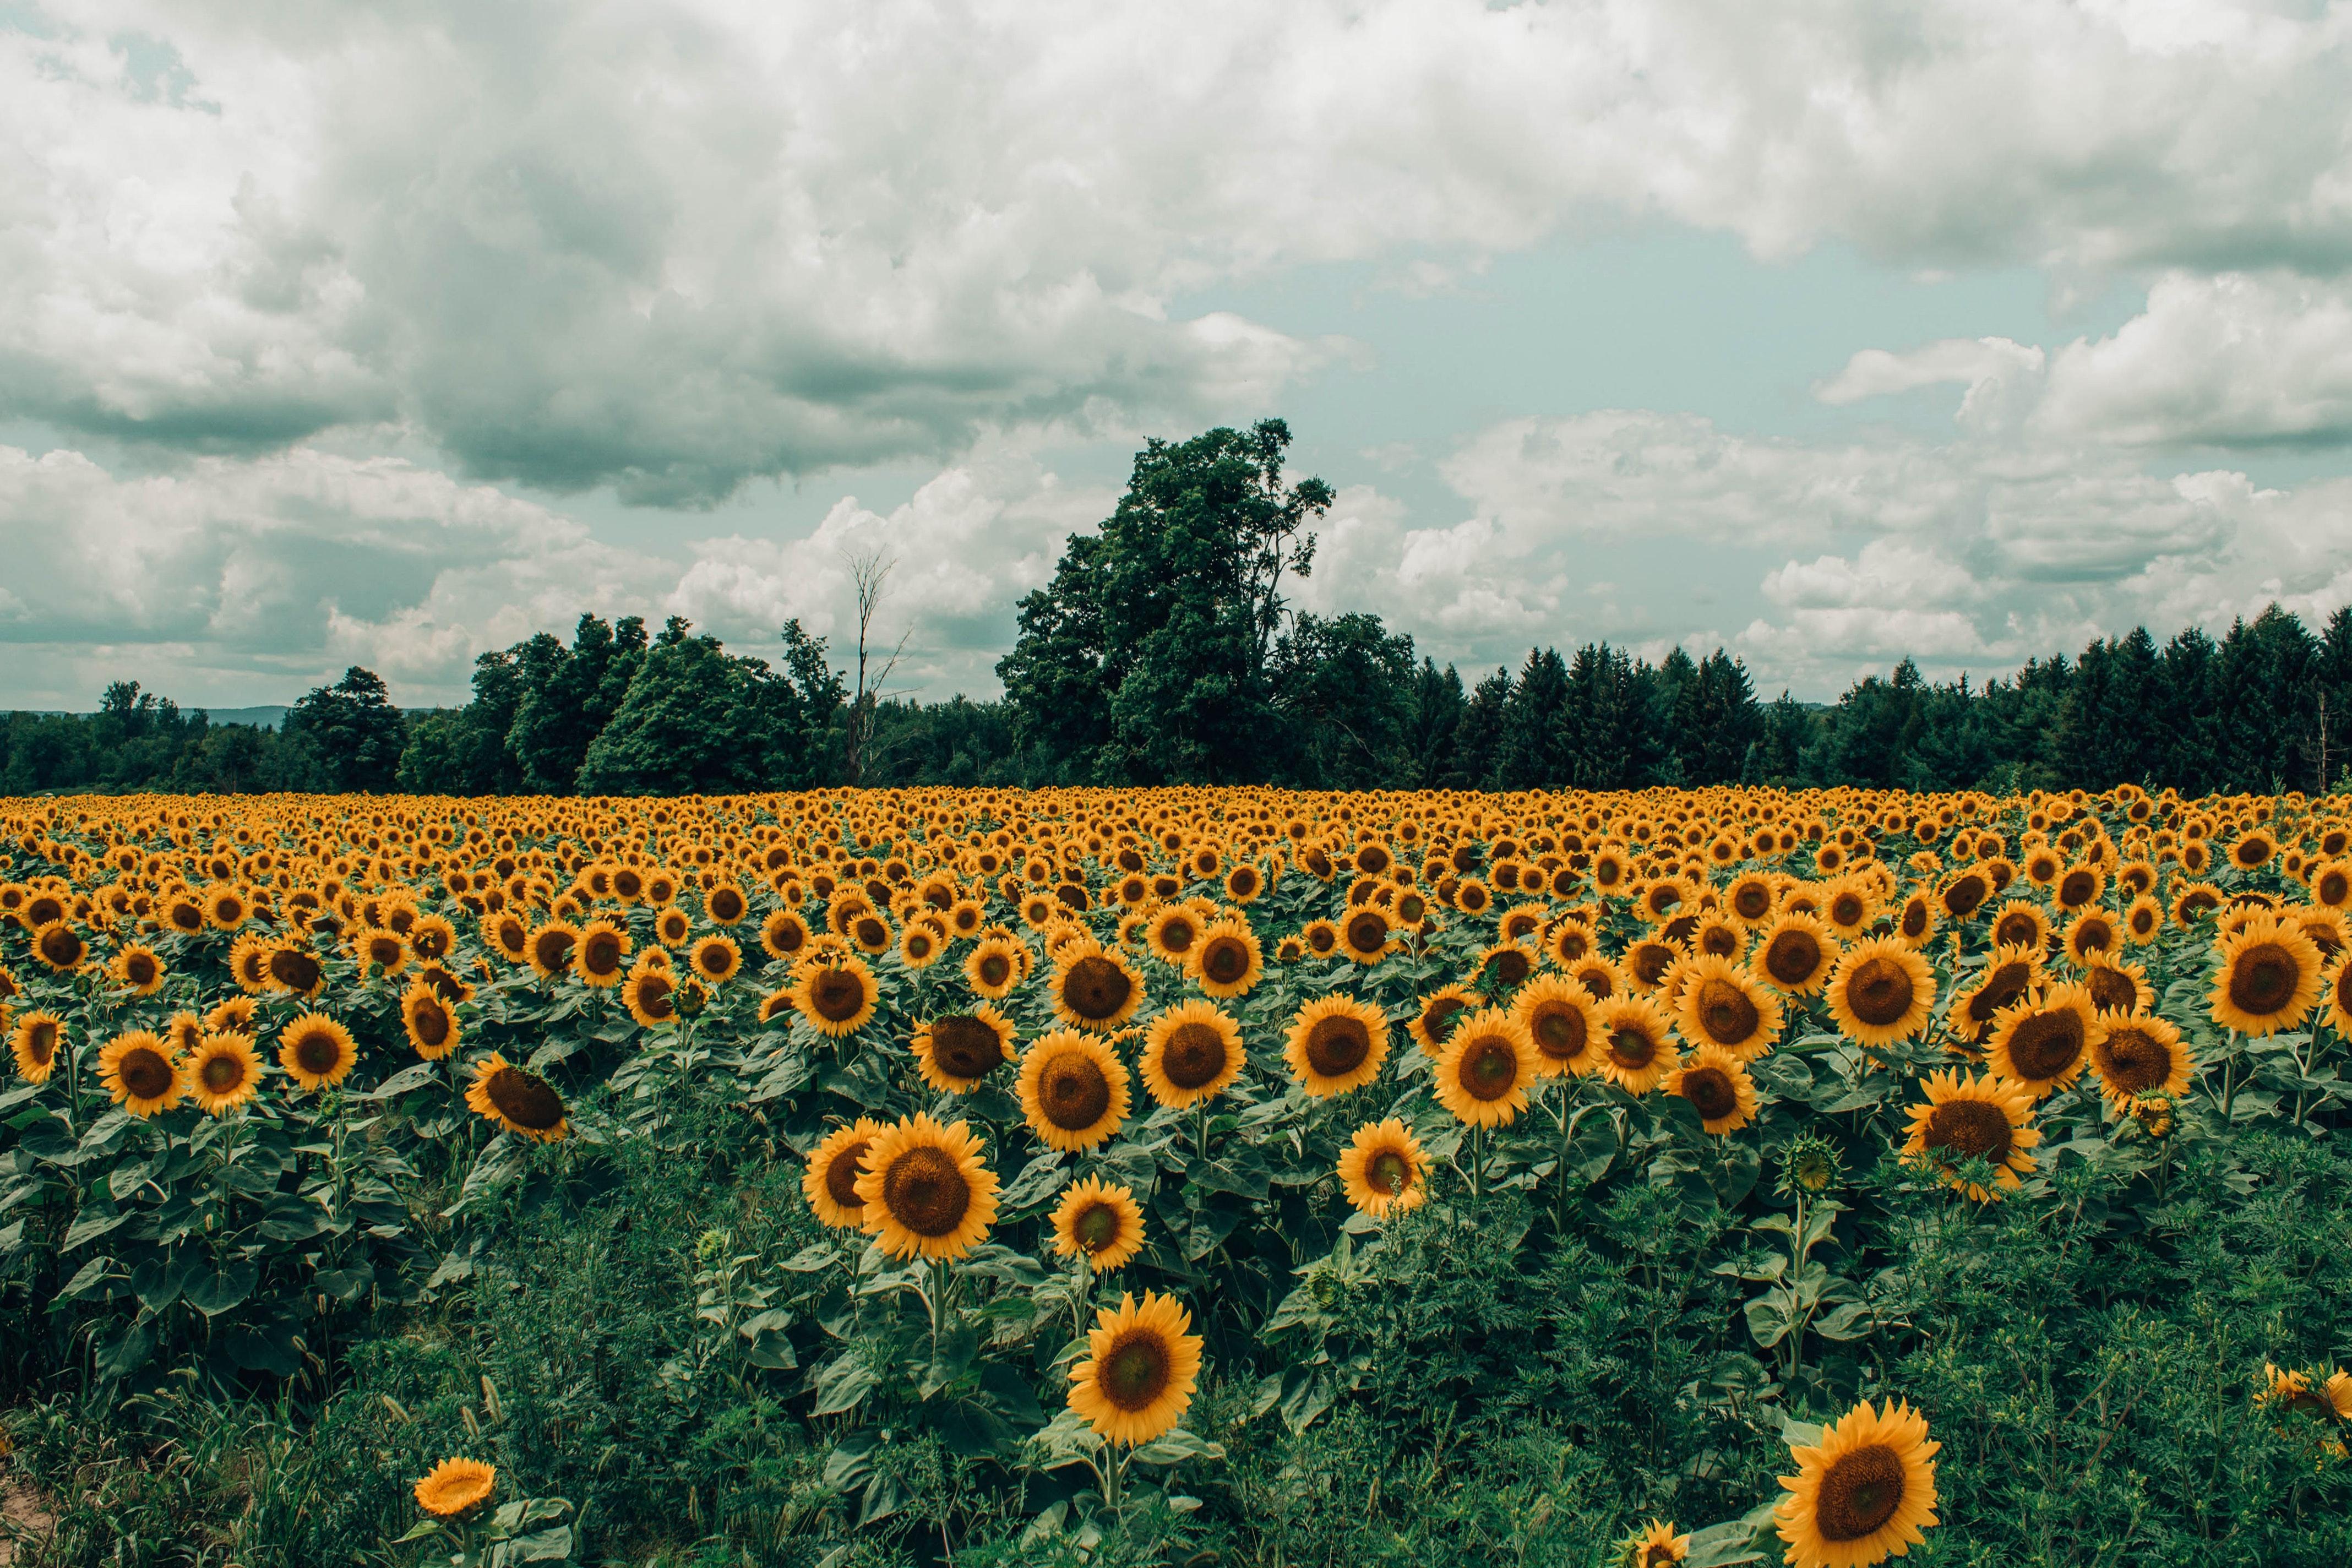 94365 Заставки и Обои Подсолнухи на телефон. Скачать Природа, Поле, Цветение, Лето, Облака, Цветы, Подсолнухи картинки бесплатно